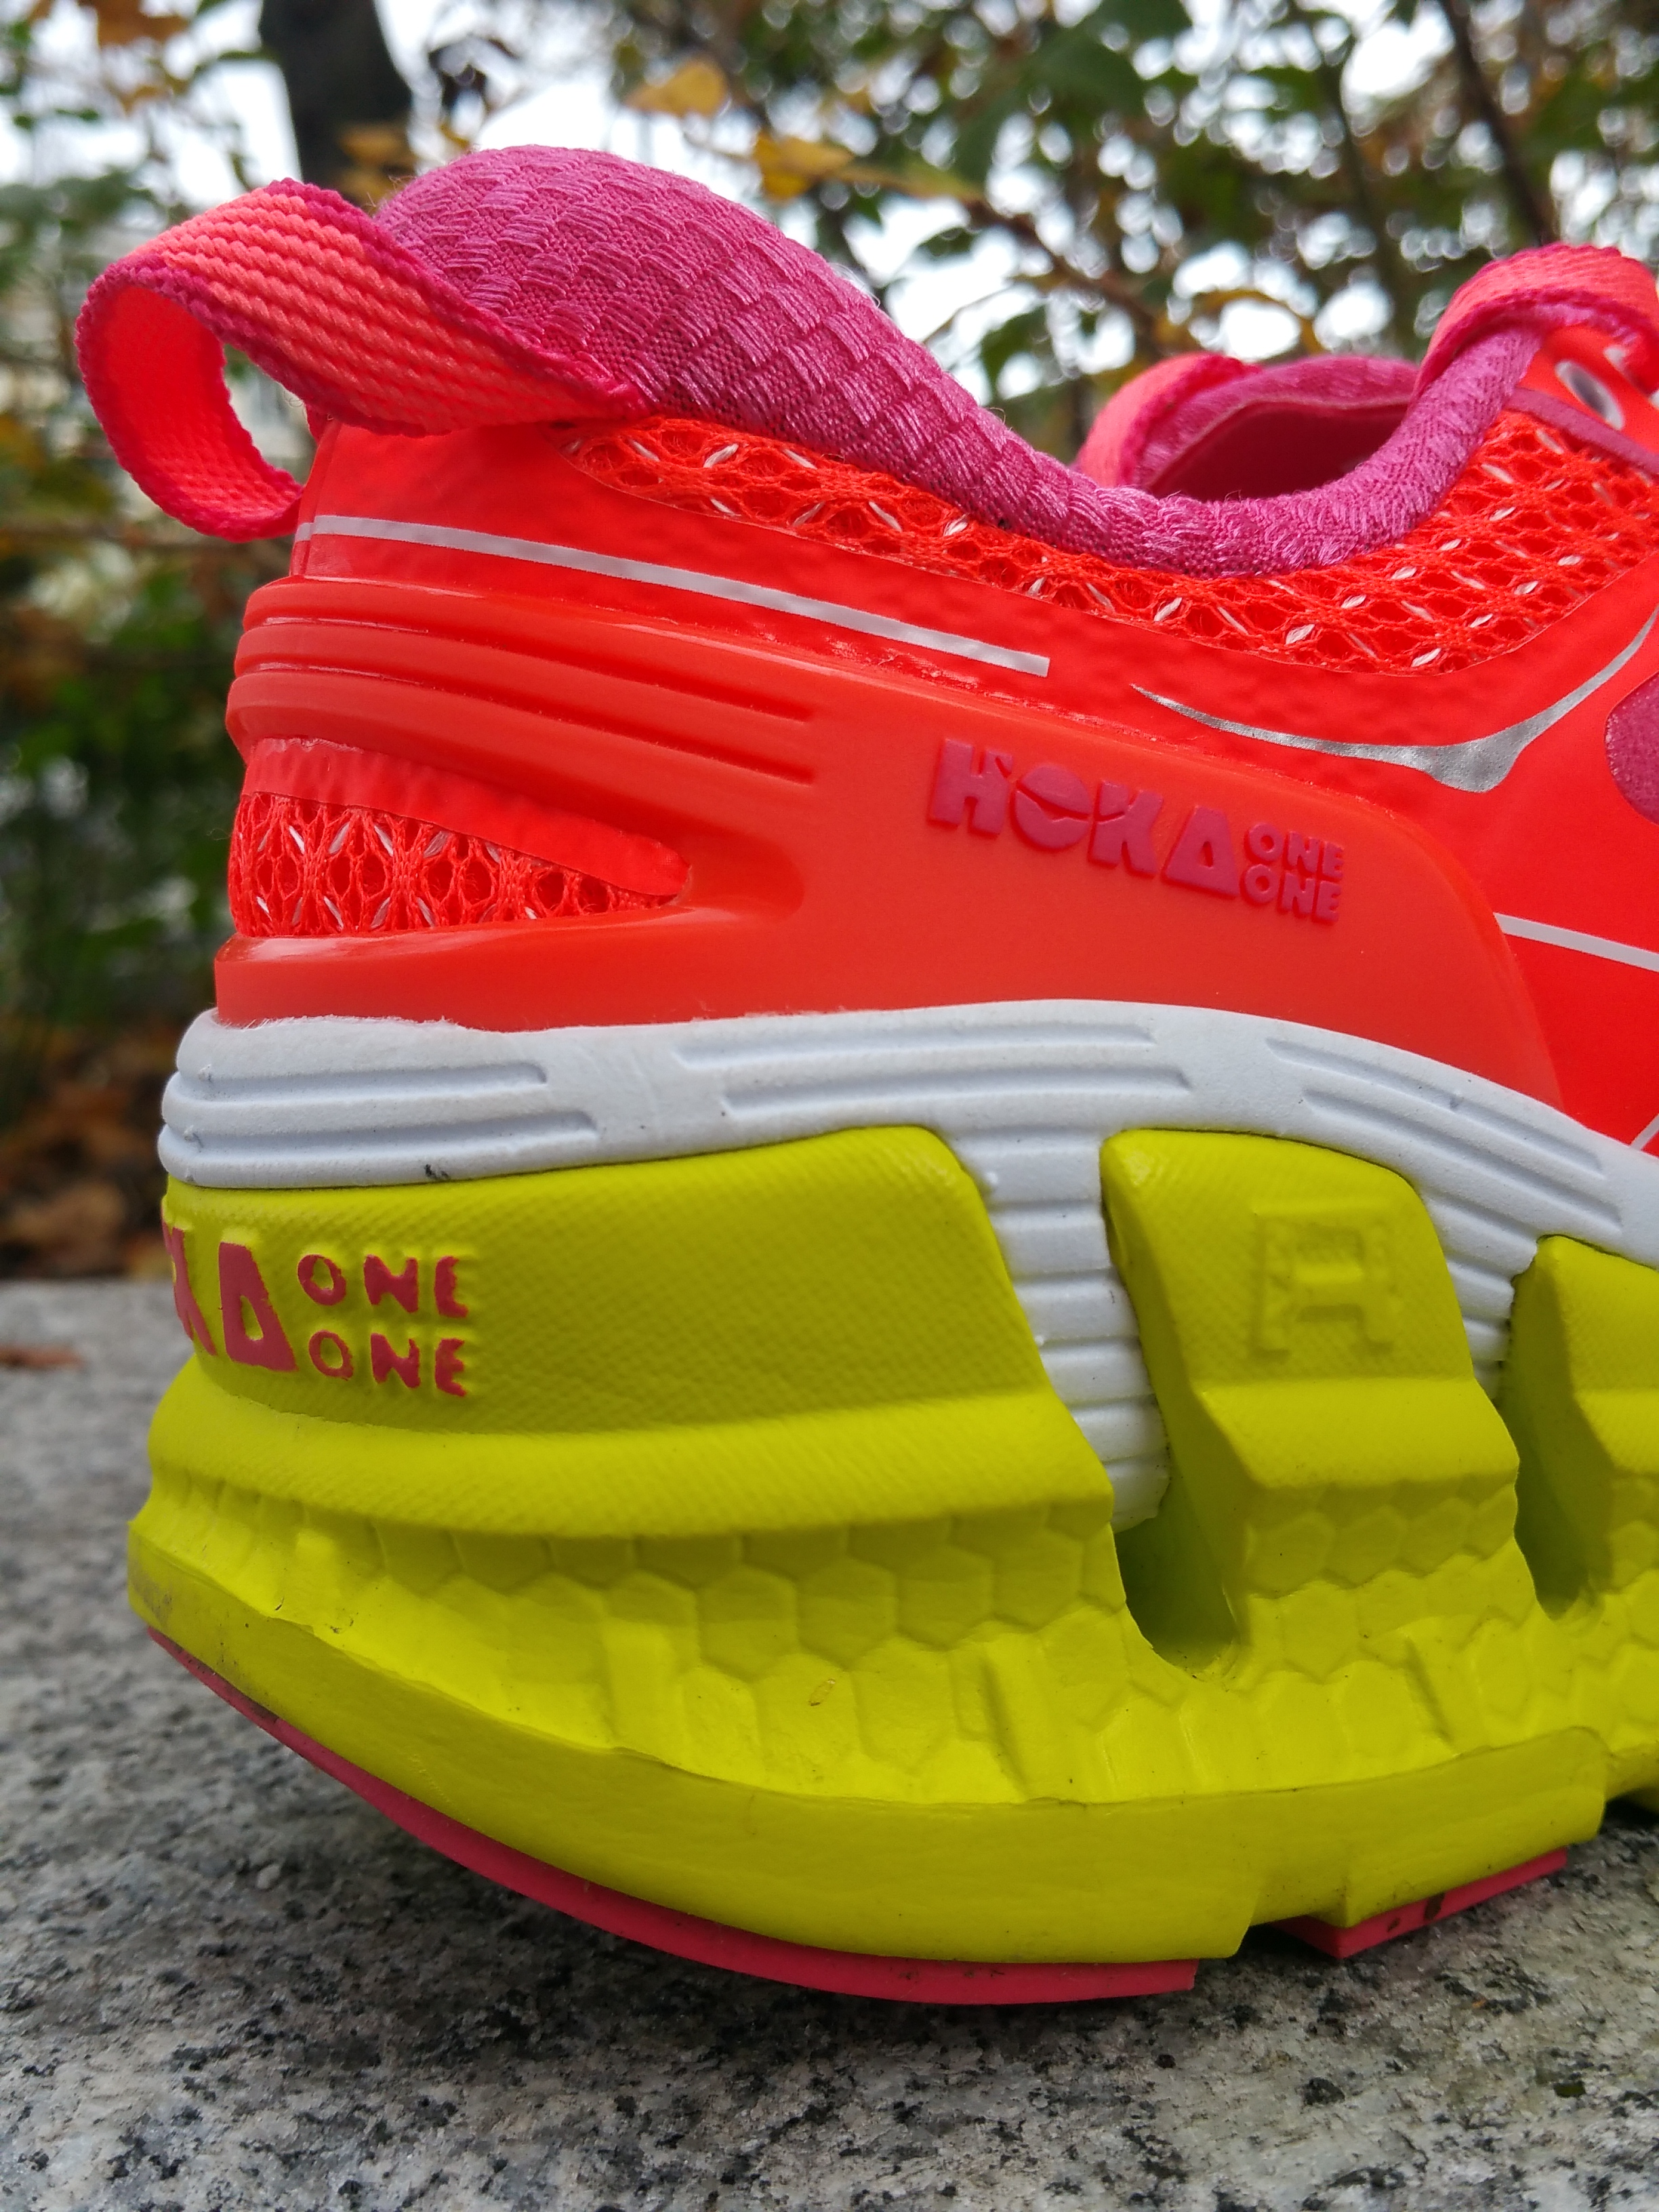 Le choix d une OVERSIZE et non d une chaussure en drop réduit de type  minimaliste est lié à la volonté de diminuer les chocs avec le sol. f70486a86df9